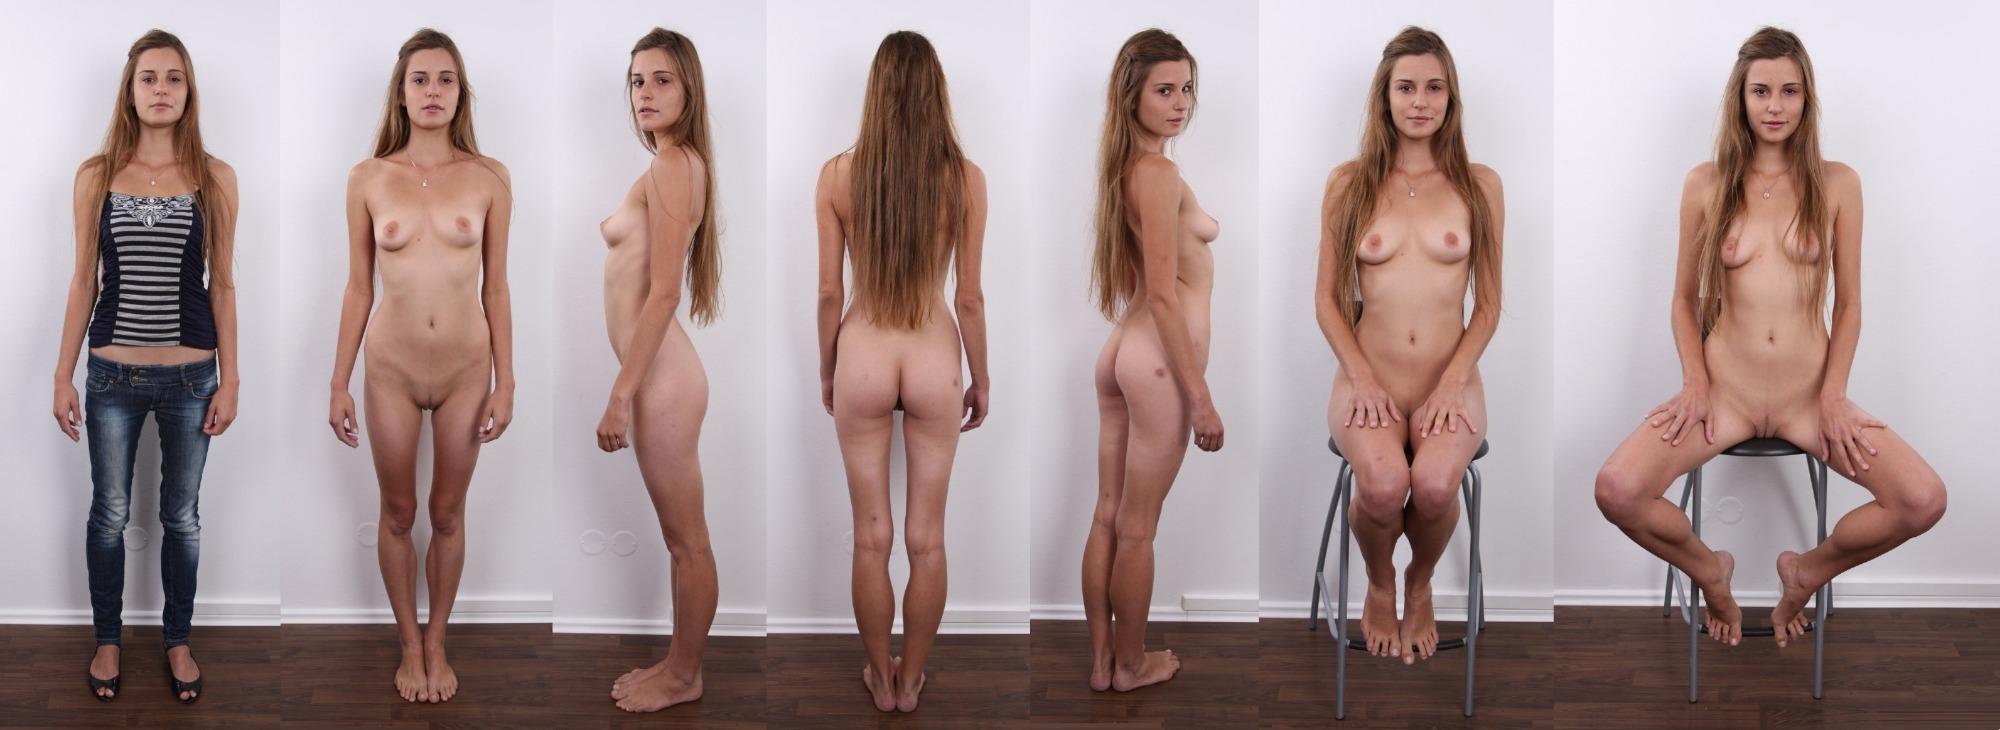 голые девушки на глубоком кастинге понять что